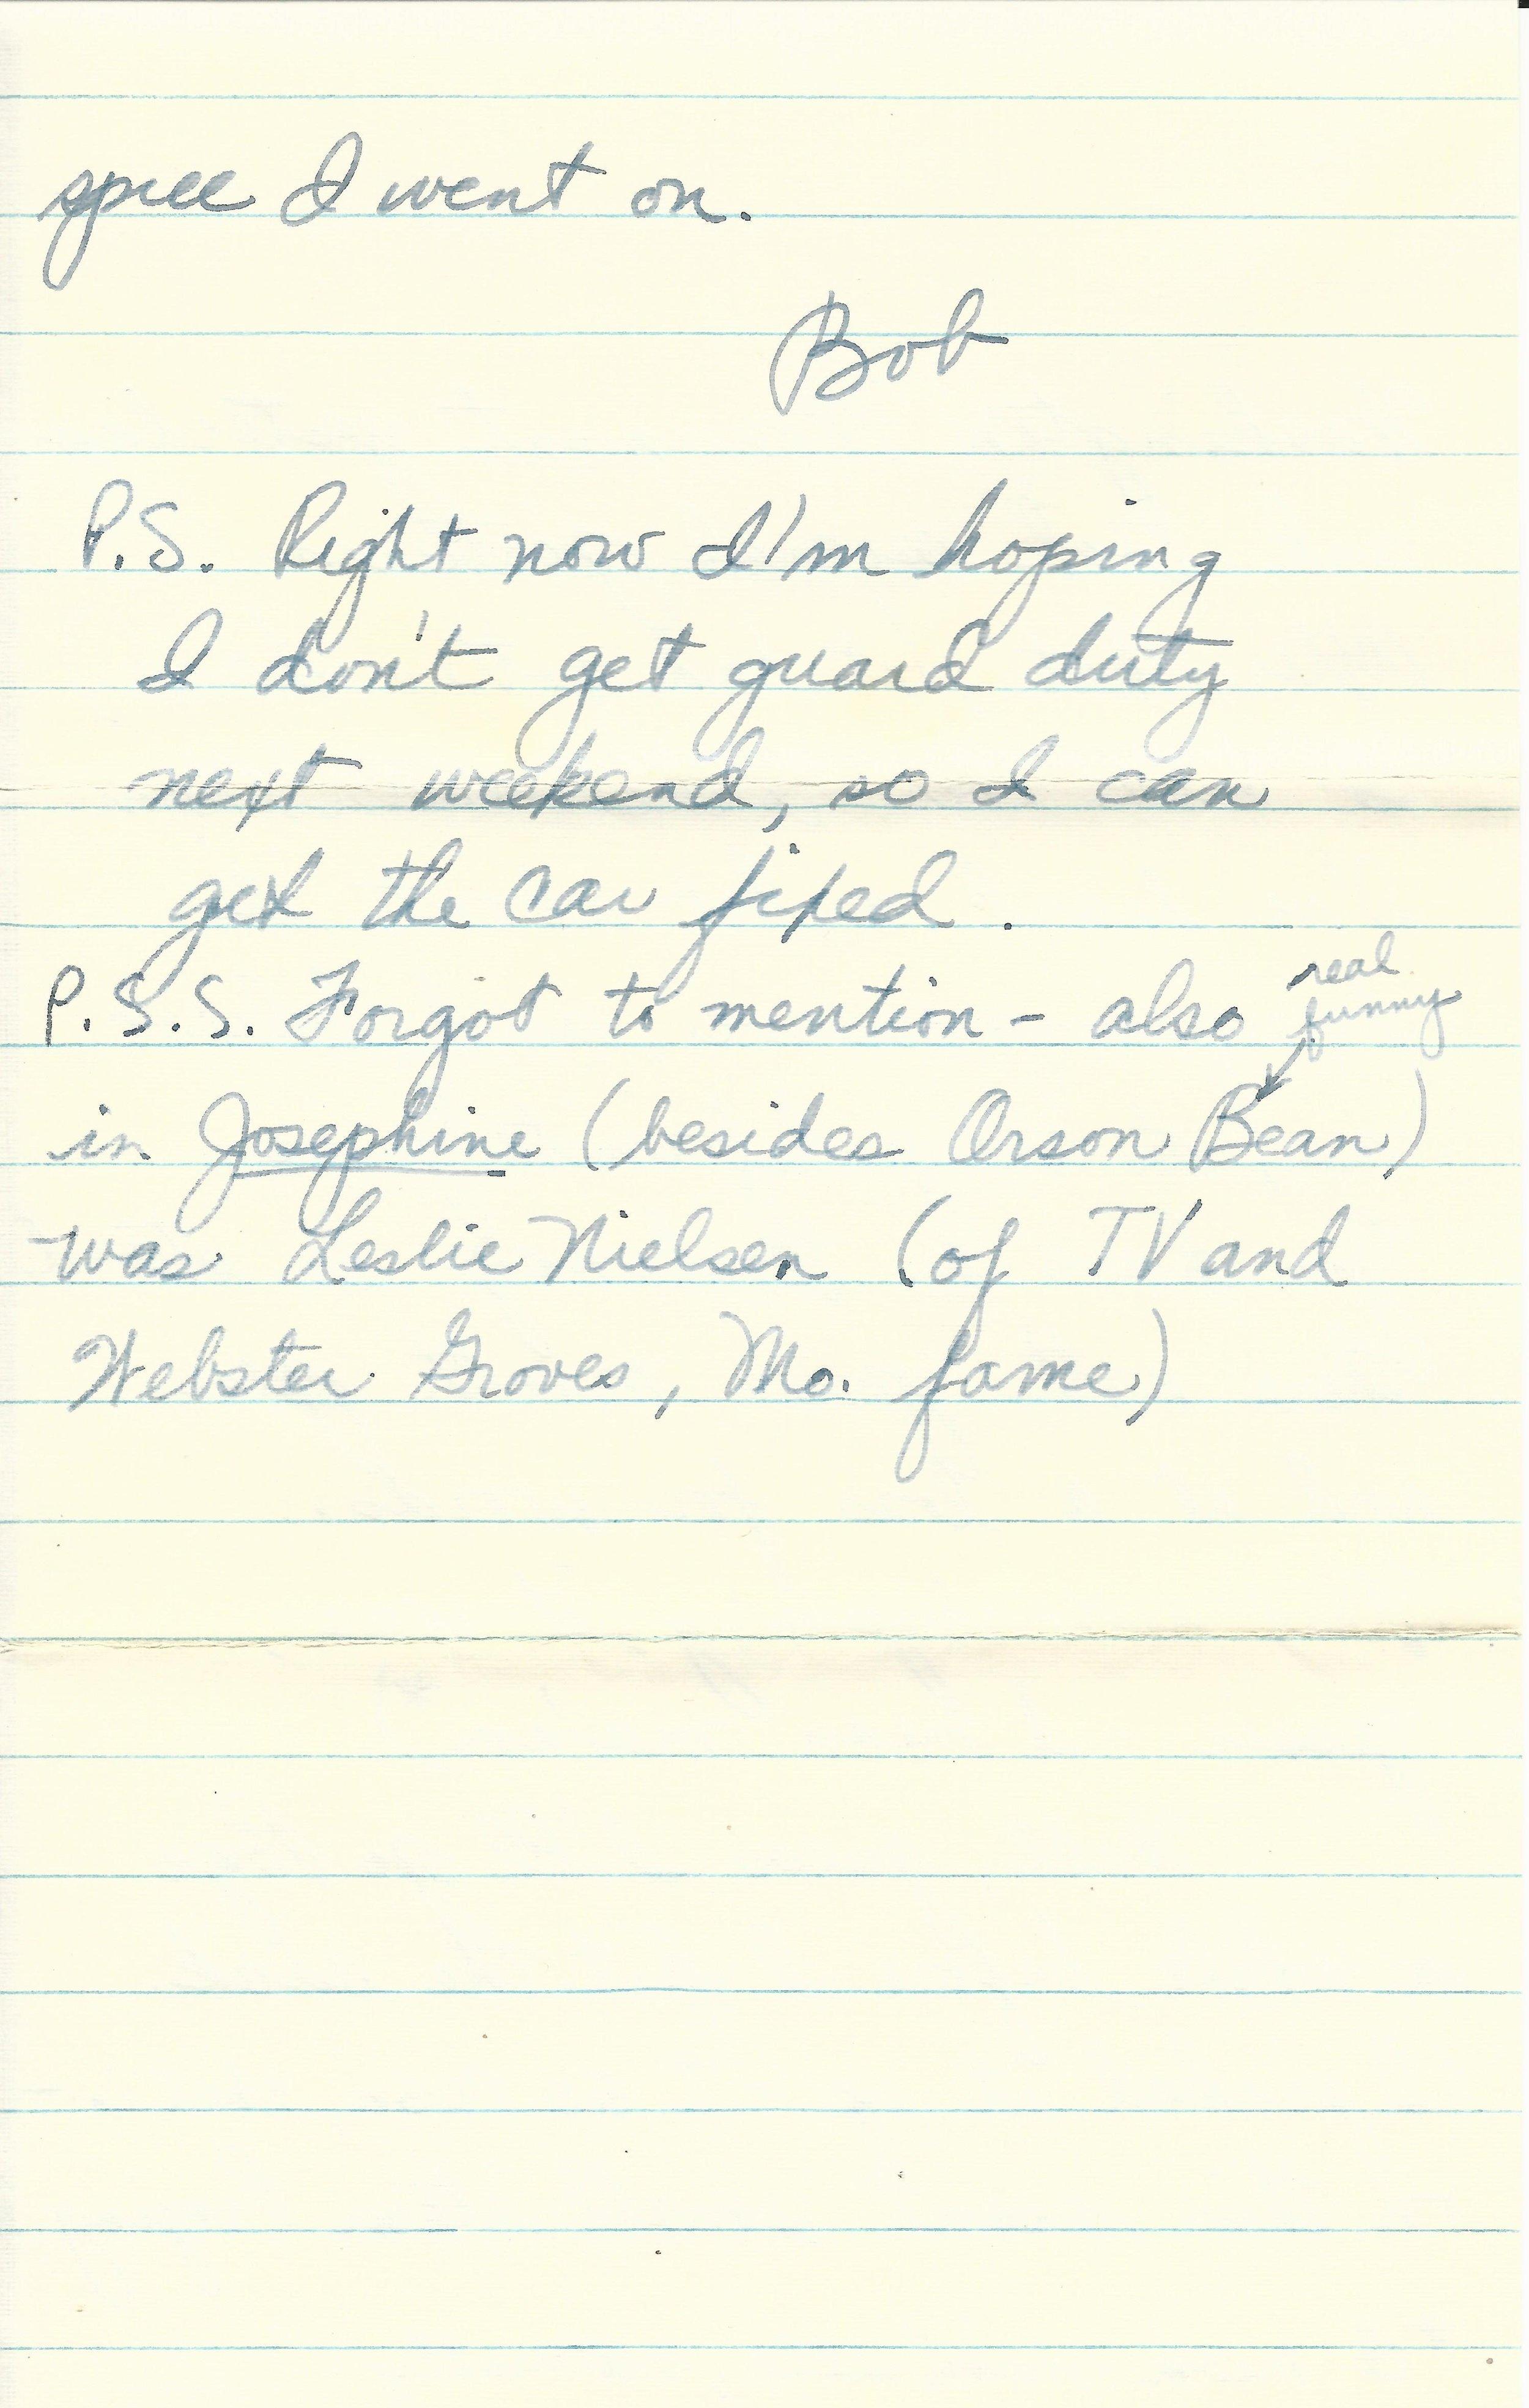 13. Jan. 25, 1953 (Opa)_Page_7.jpg